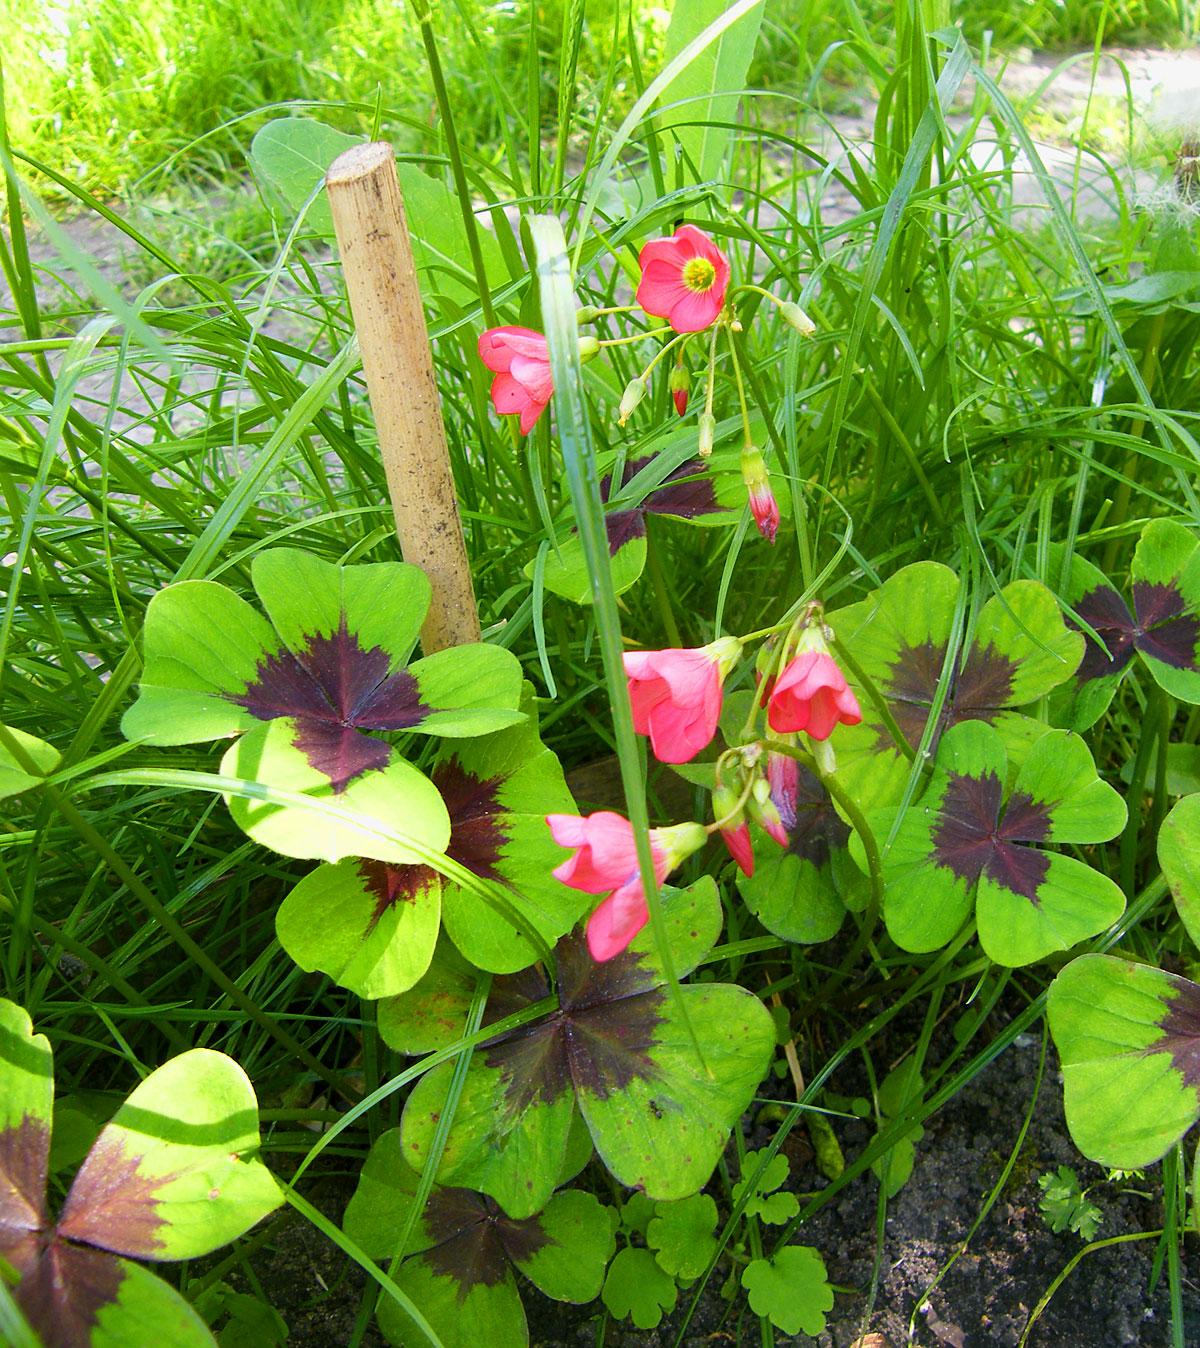 Przyszła Wiosna I Czas Na Mlecze I Tulipany Malarstwo Rysunek